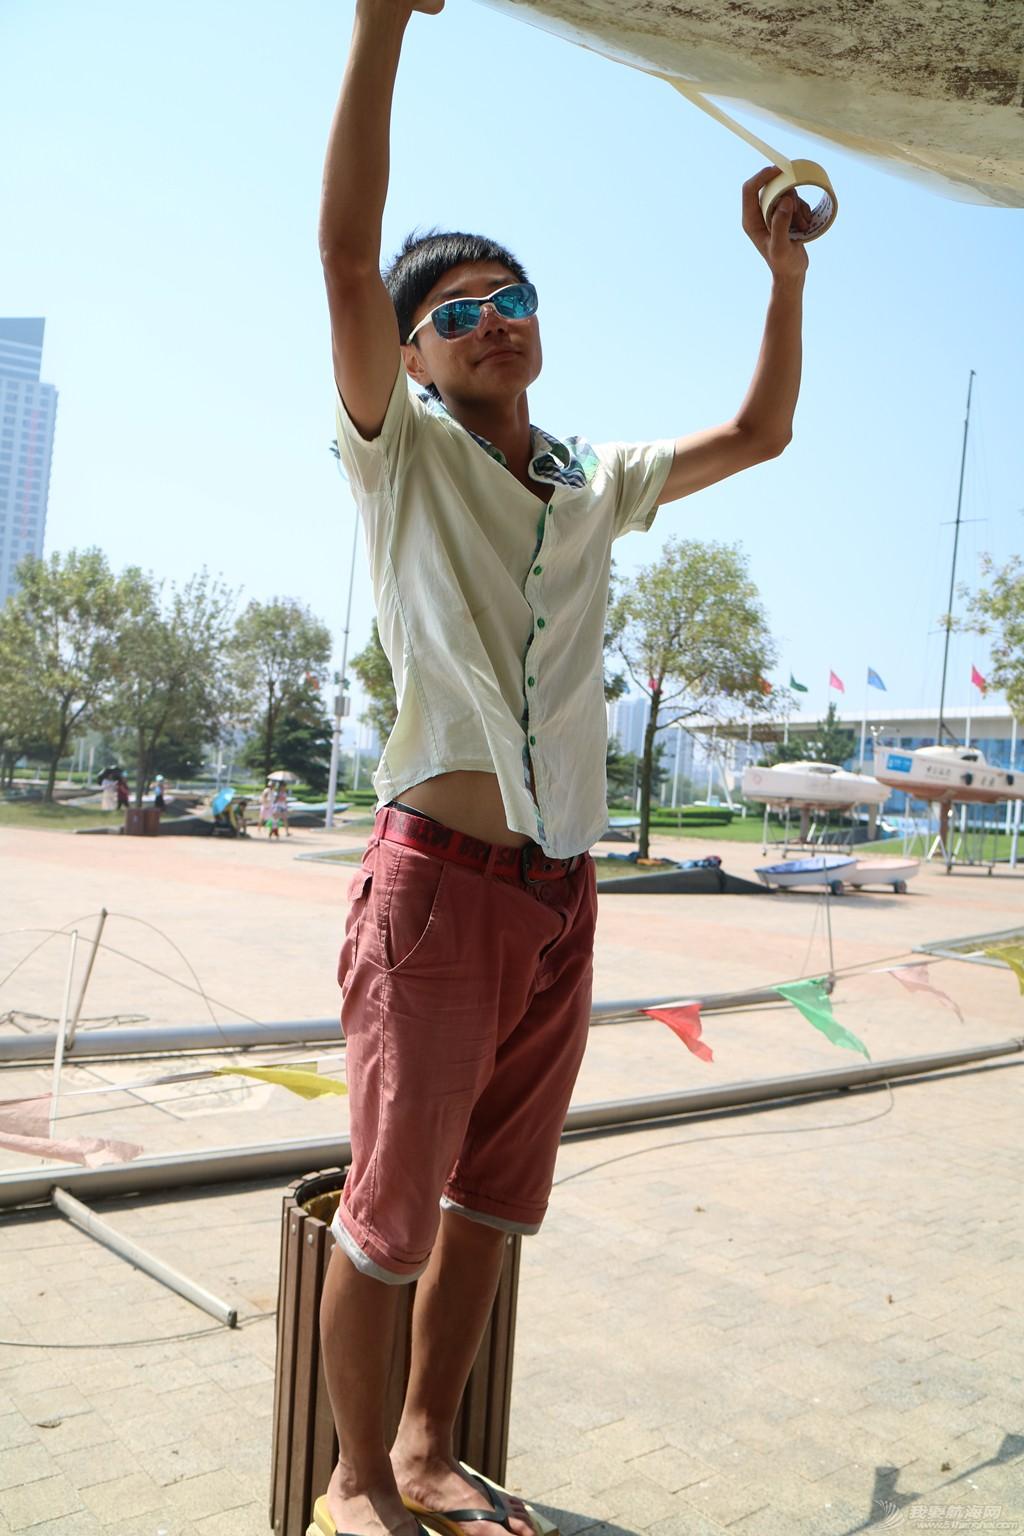 【公益航海志愿者日记@日照】Day34-小别两日返回日照。今日刷船底漆,安装桅杆 IMG_5786_副本.jpg